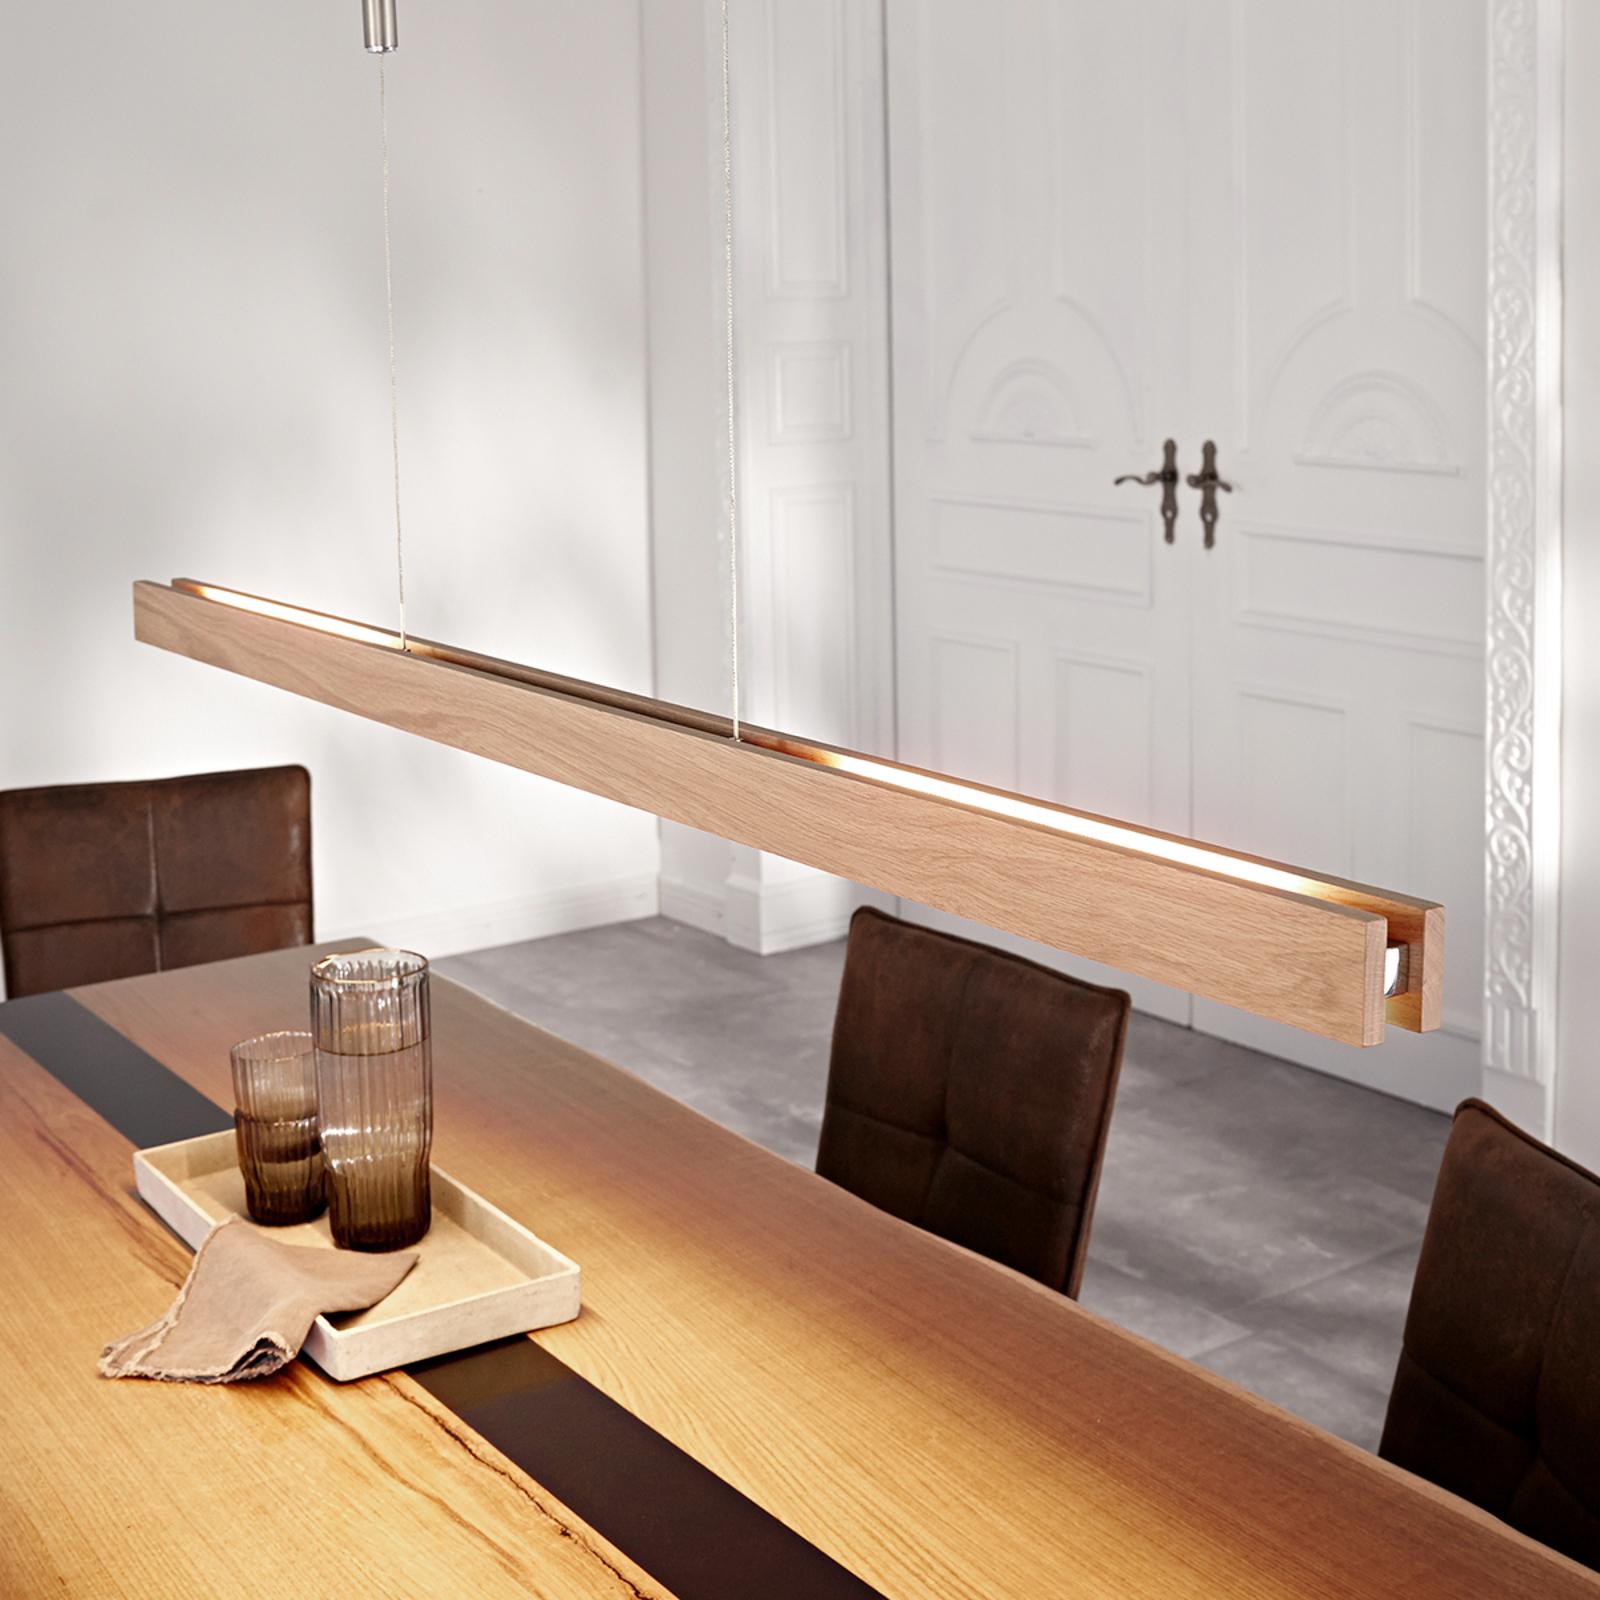 Holz-LED-Hängeleuchte Alin, eiche natur, 138 cm